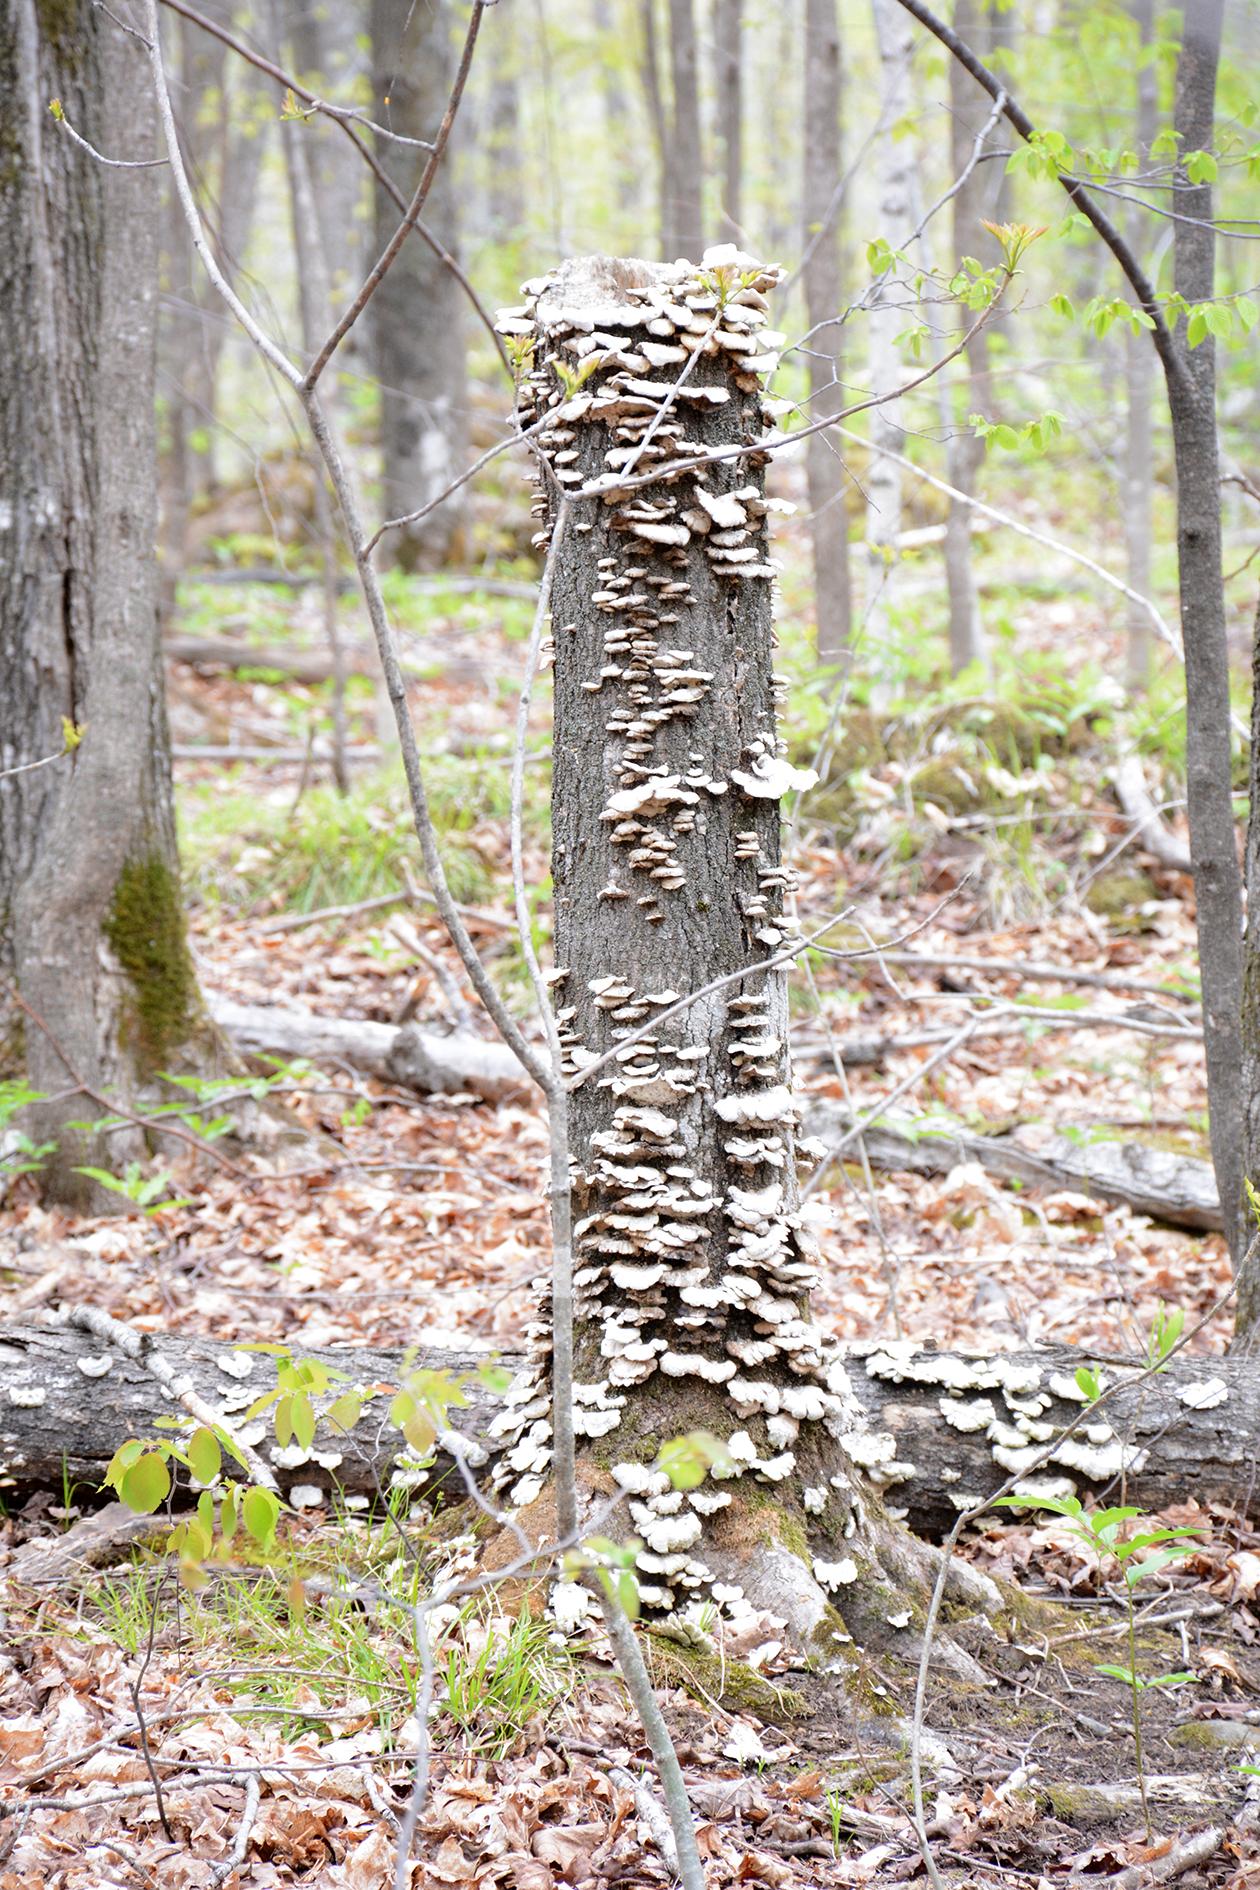 2015-05-14_stpetersdome_tree-mushroom